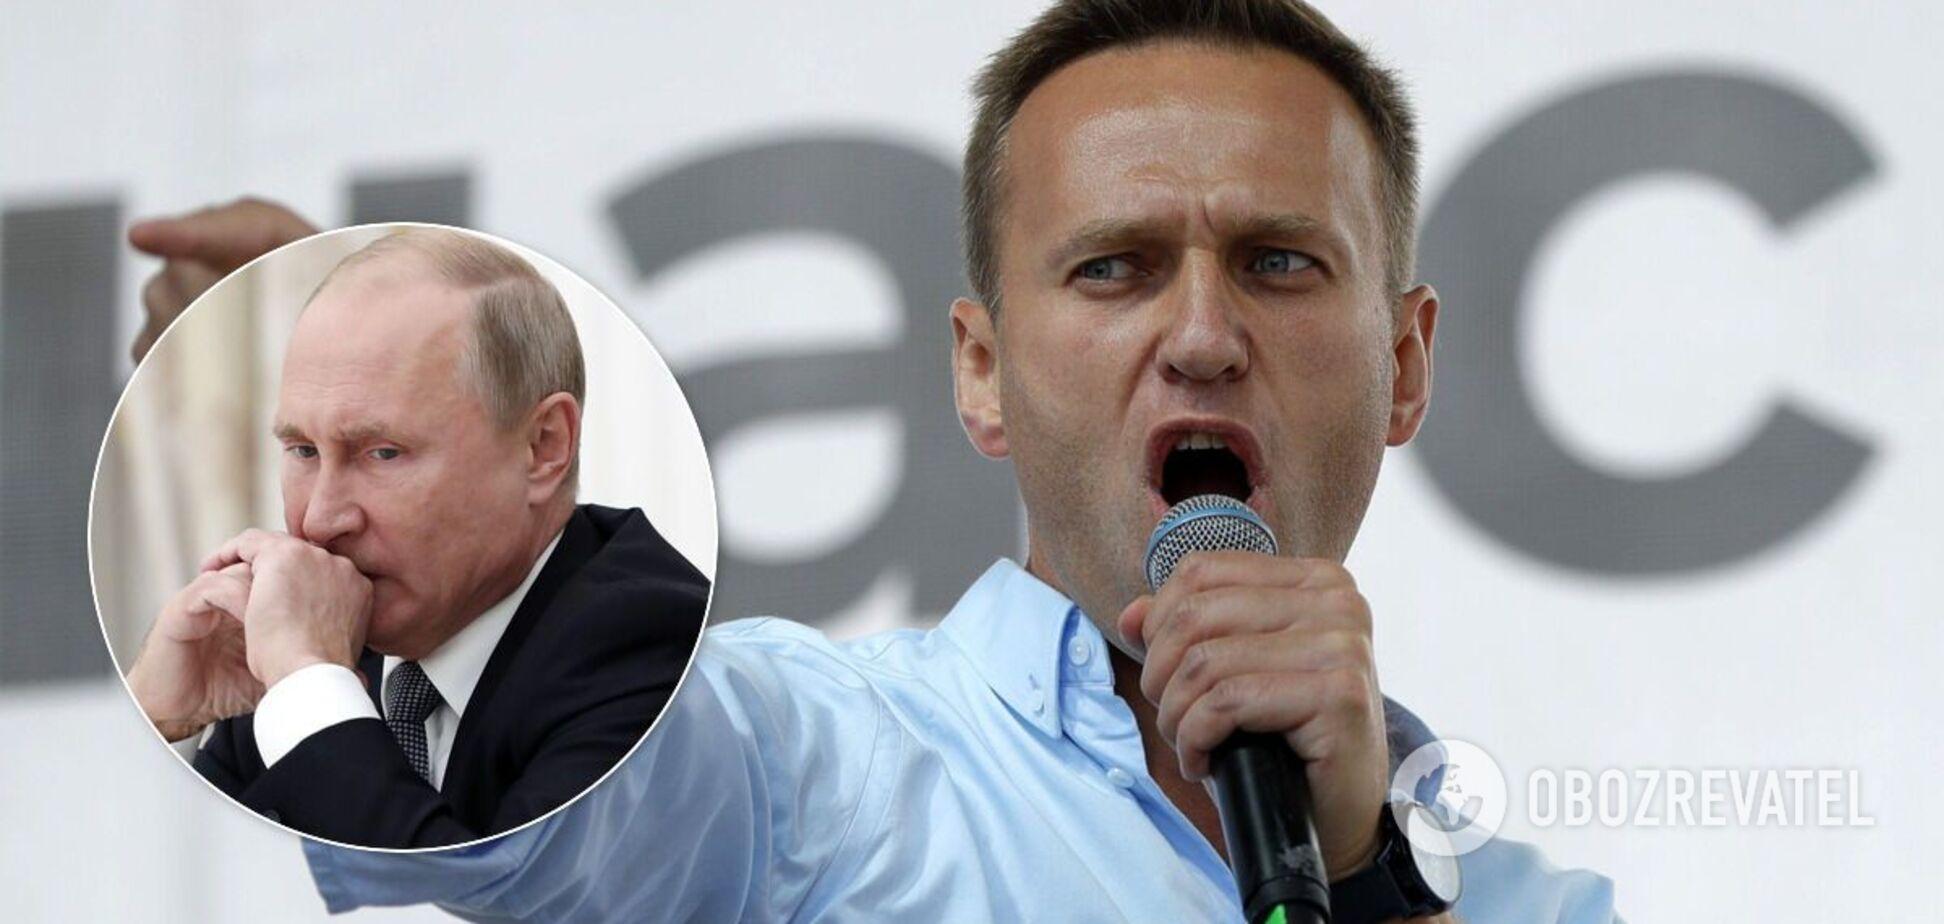 Заарештований Навальний назвав Путіна жабою та закликав росіян виходити на вулиці. Відео